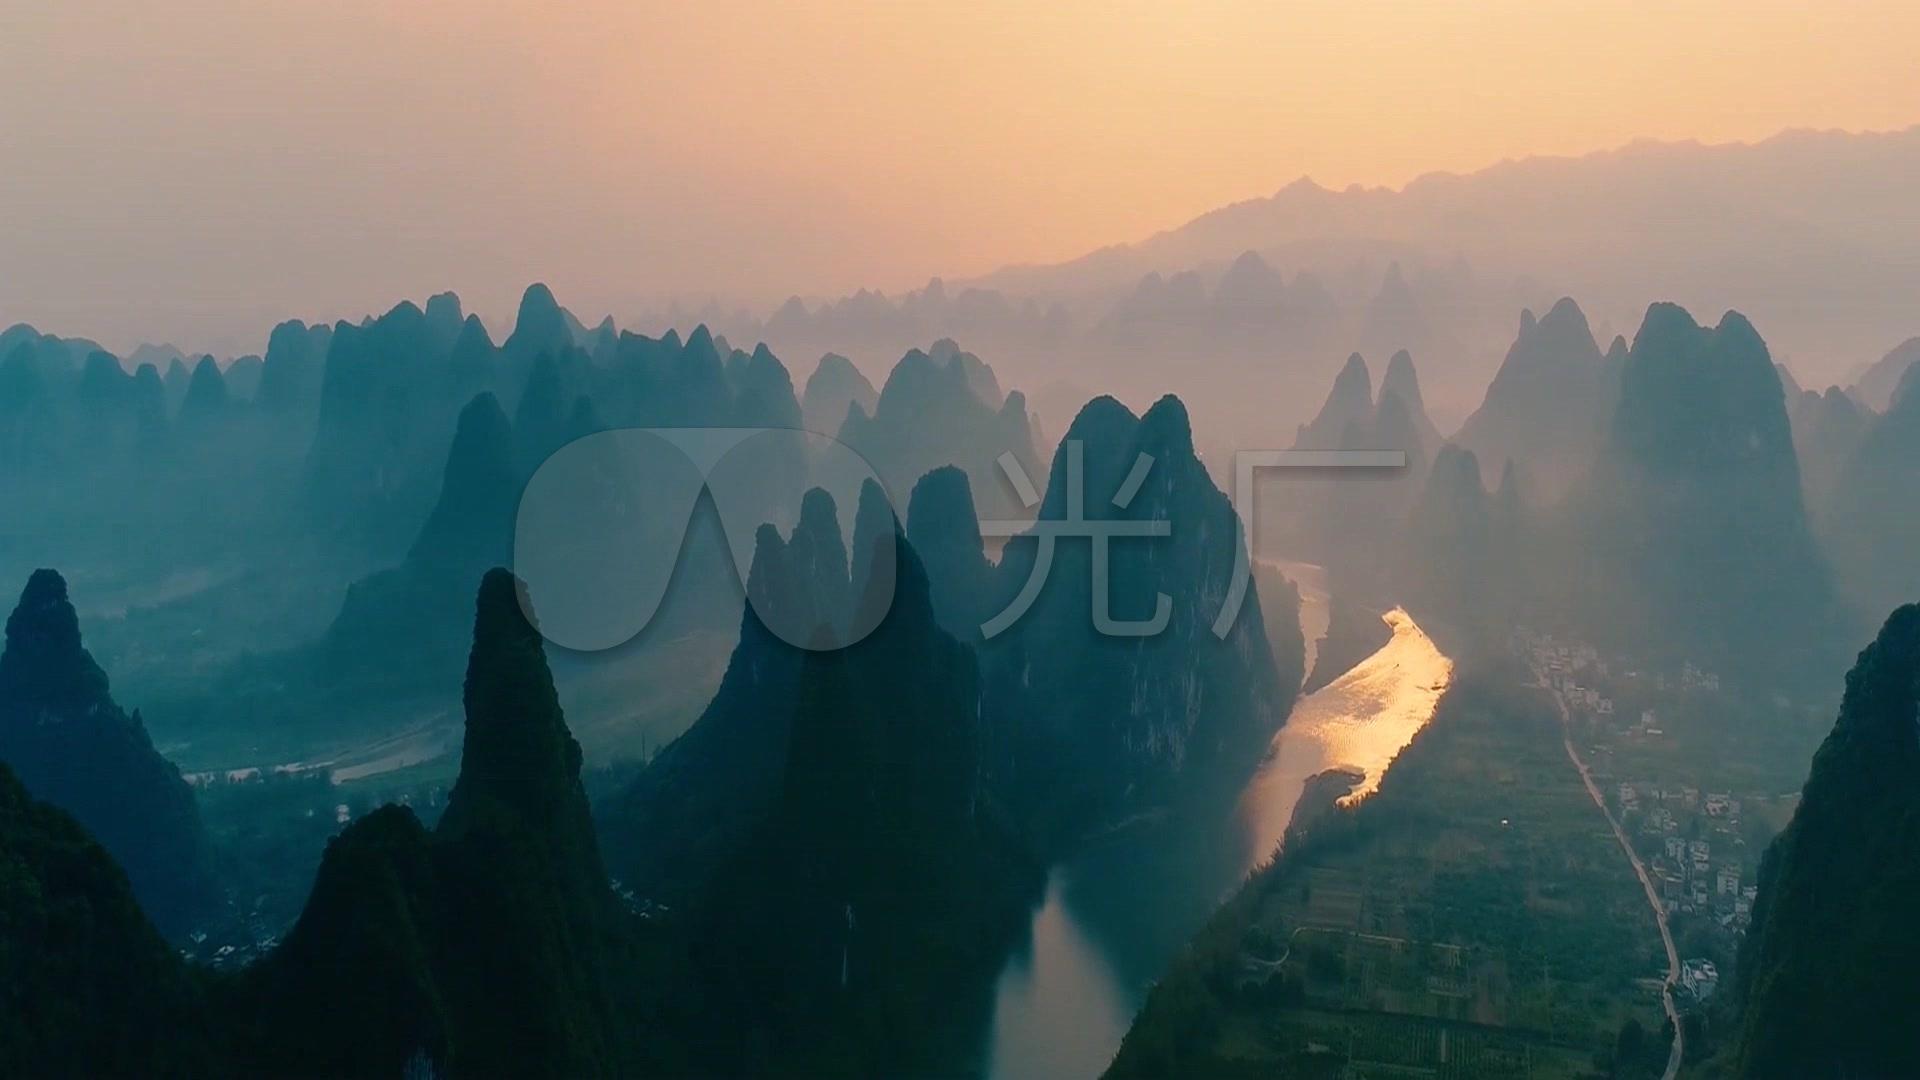 视频素材 实拍视频 景观人文 超高清锦绣山河中华山水风景视频  来自